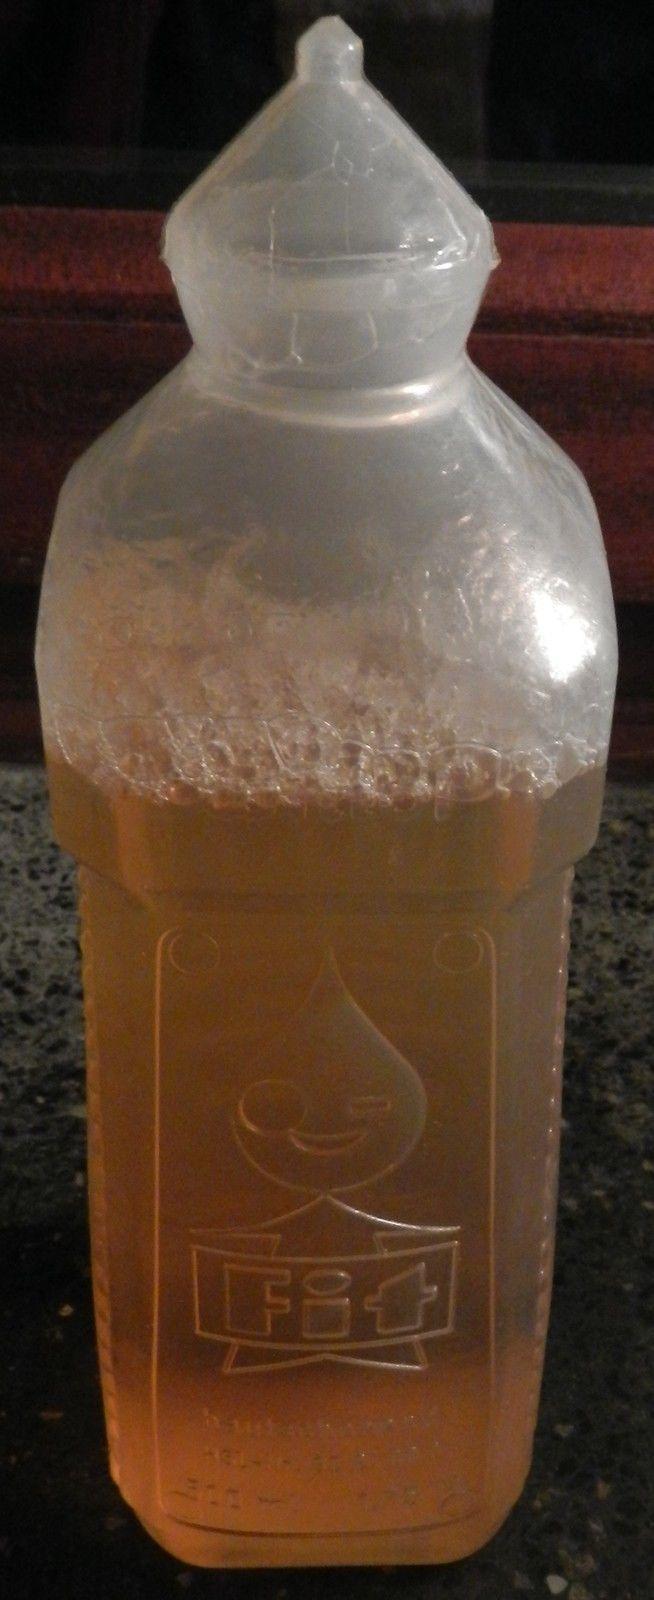 Fit DDR Geschirr Spühlmittel 500 ml in Originalflasche OSTALGIE Kult P23.1/15   eBay